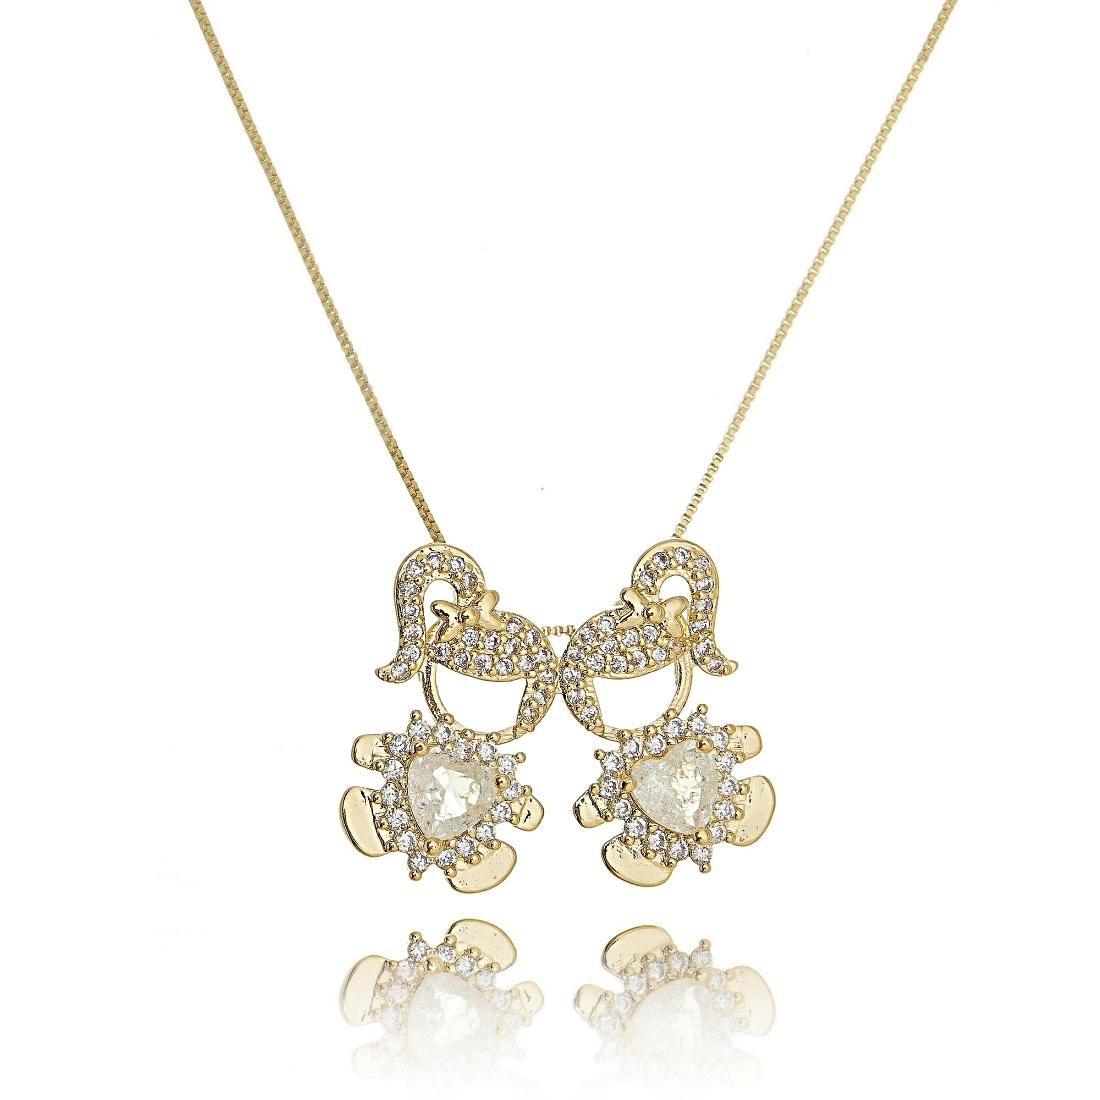 Colar 2 Meninas Dourado Fusion Cristal e Zircônia Semijoia Ouro 18K  - Soloyou